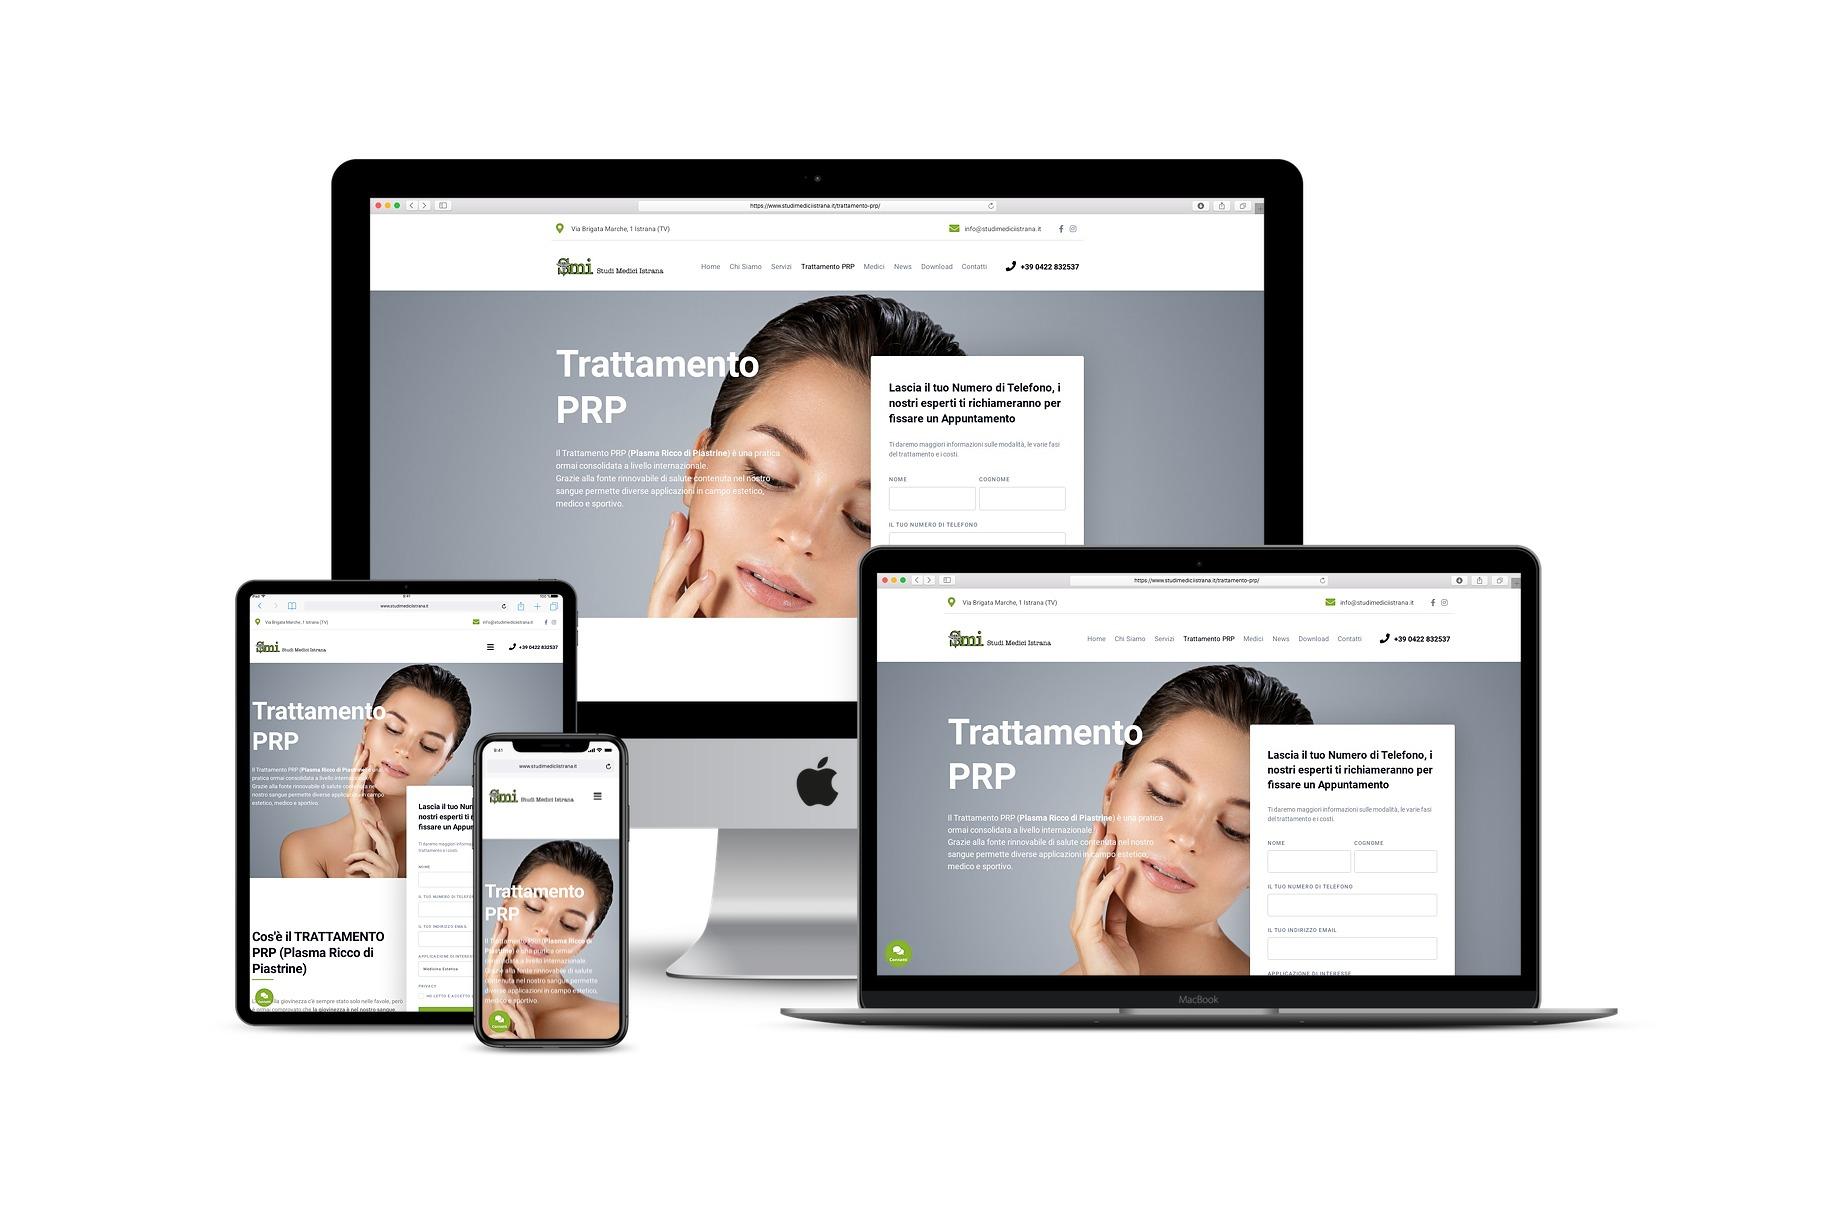 Landing Page per studio medico per uno speciale trattamentoLink: www.studimediciistrana.it/trattamento-prp